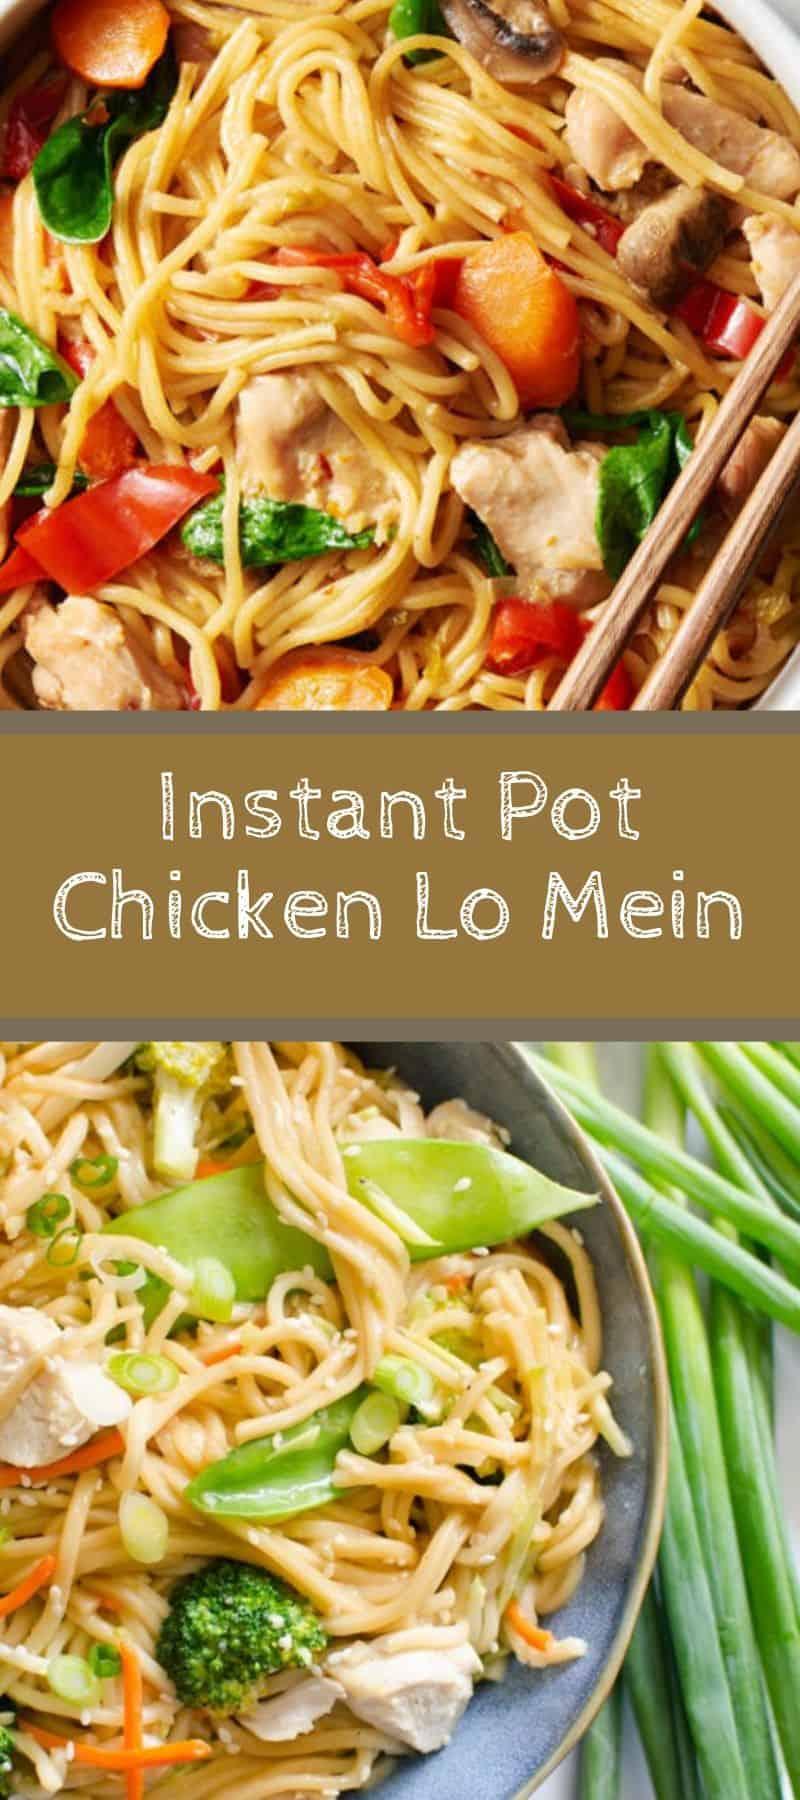 Instant Pot Chicken Lo Mein 3